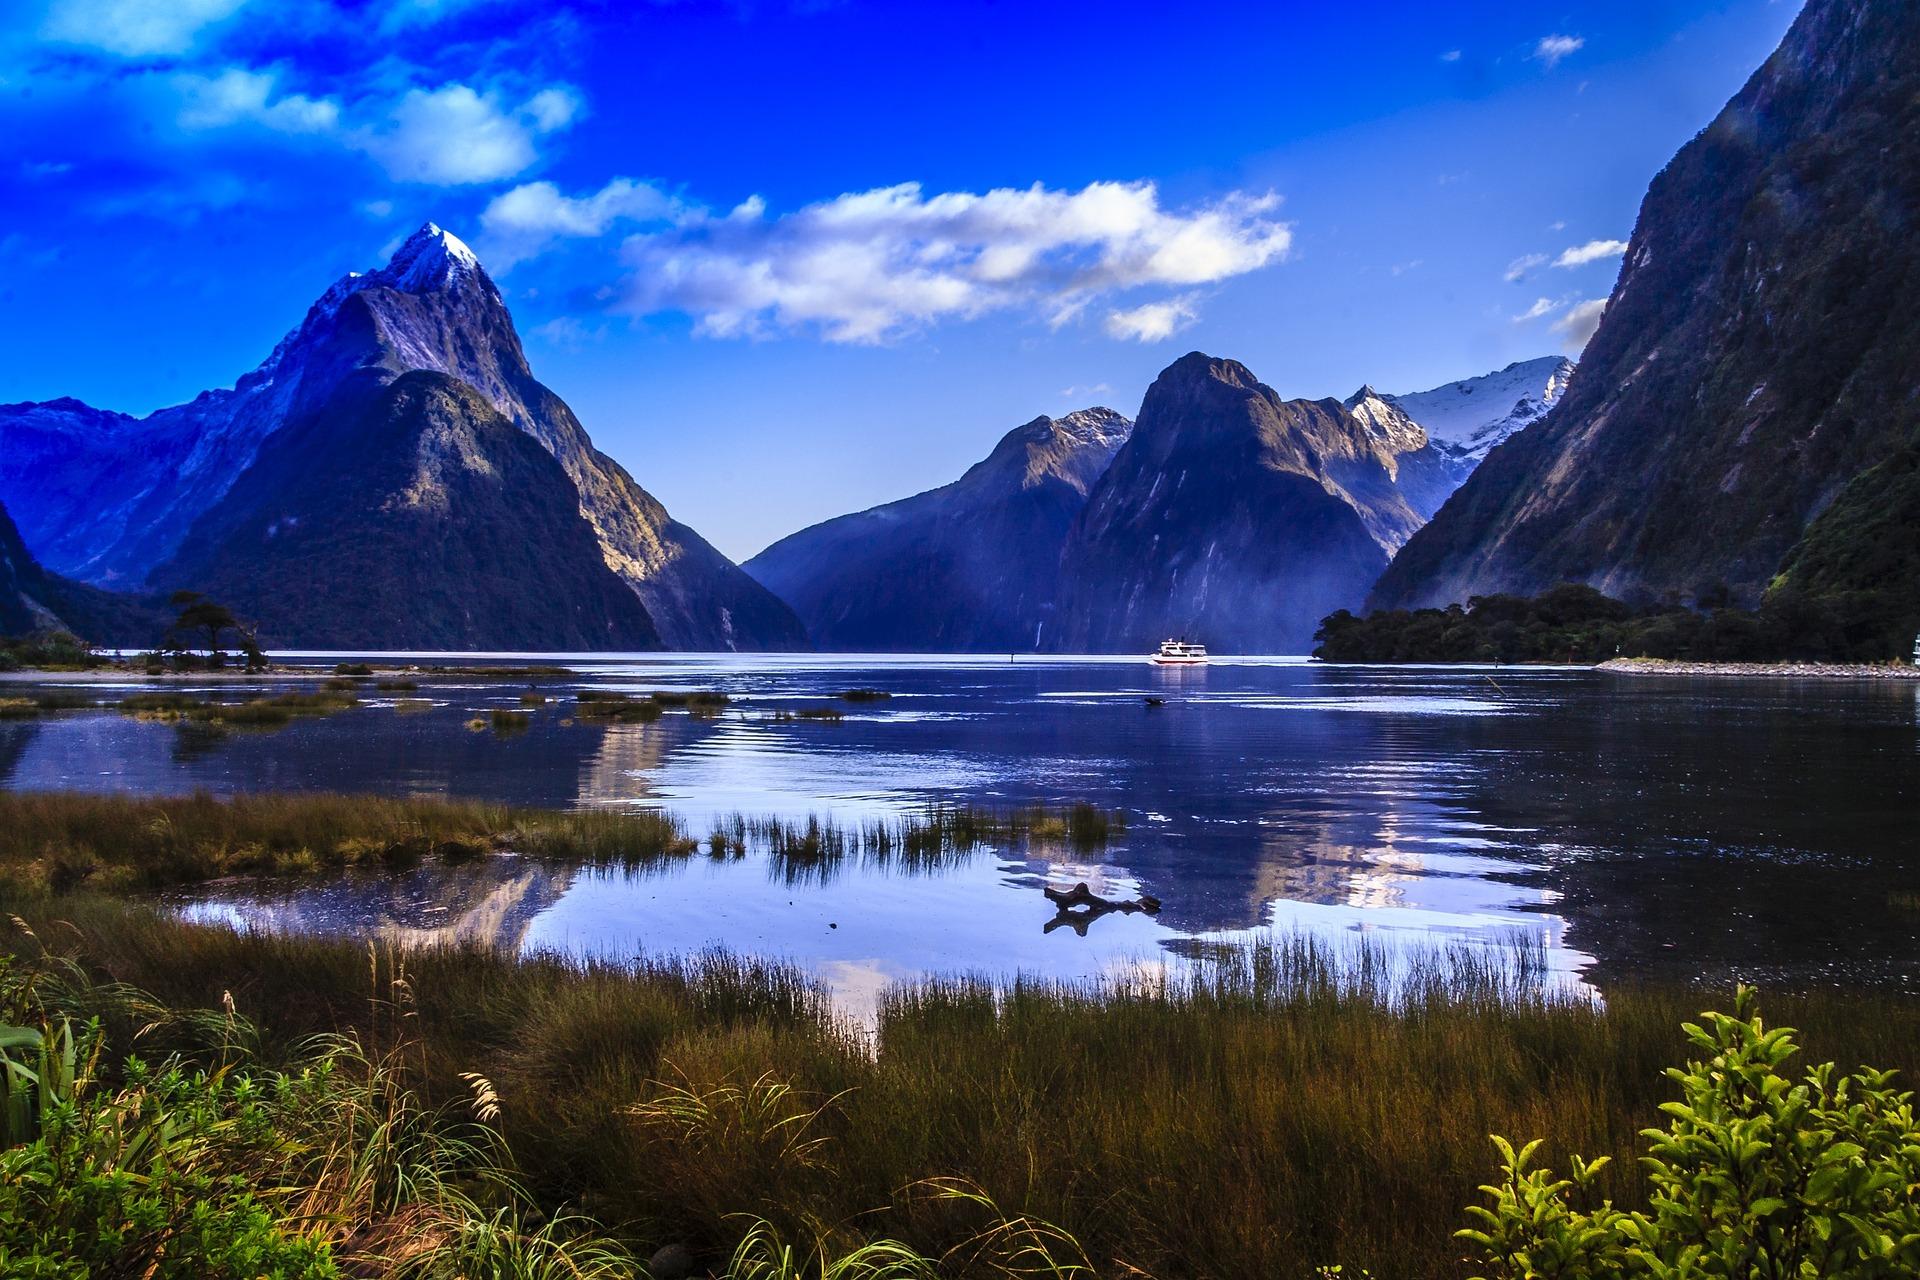 Vistes del Milford Sound a Nova Zelanda